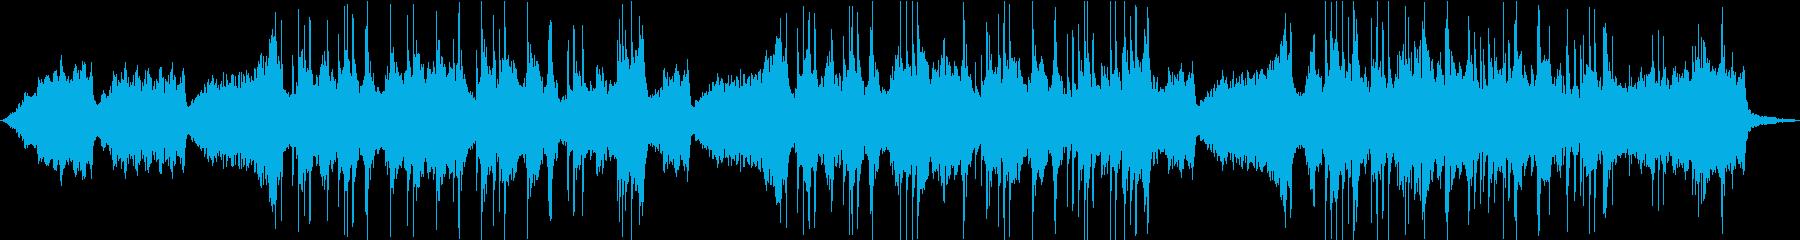 ソルフェジオ周波数による癒しのクリスマスの再生済みの波形